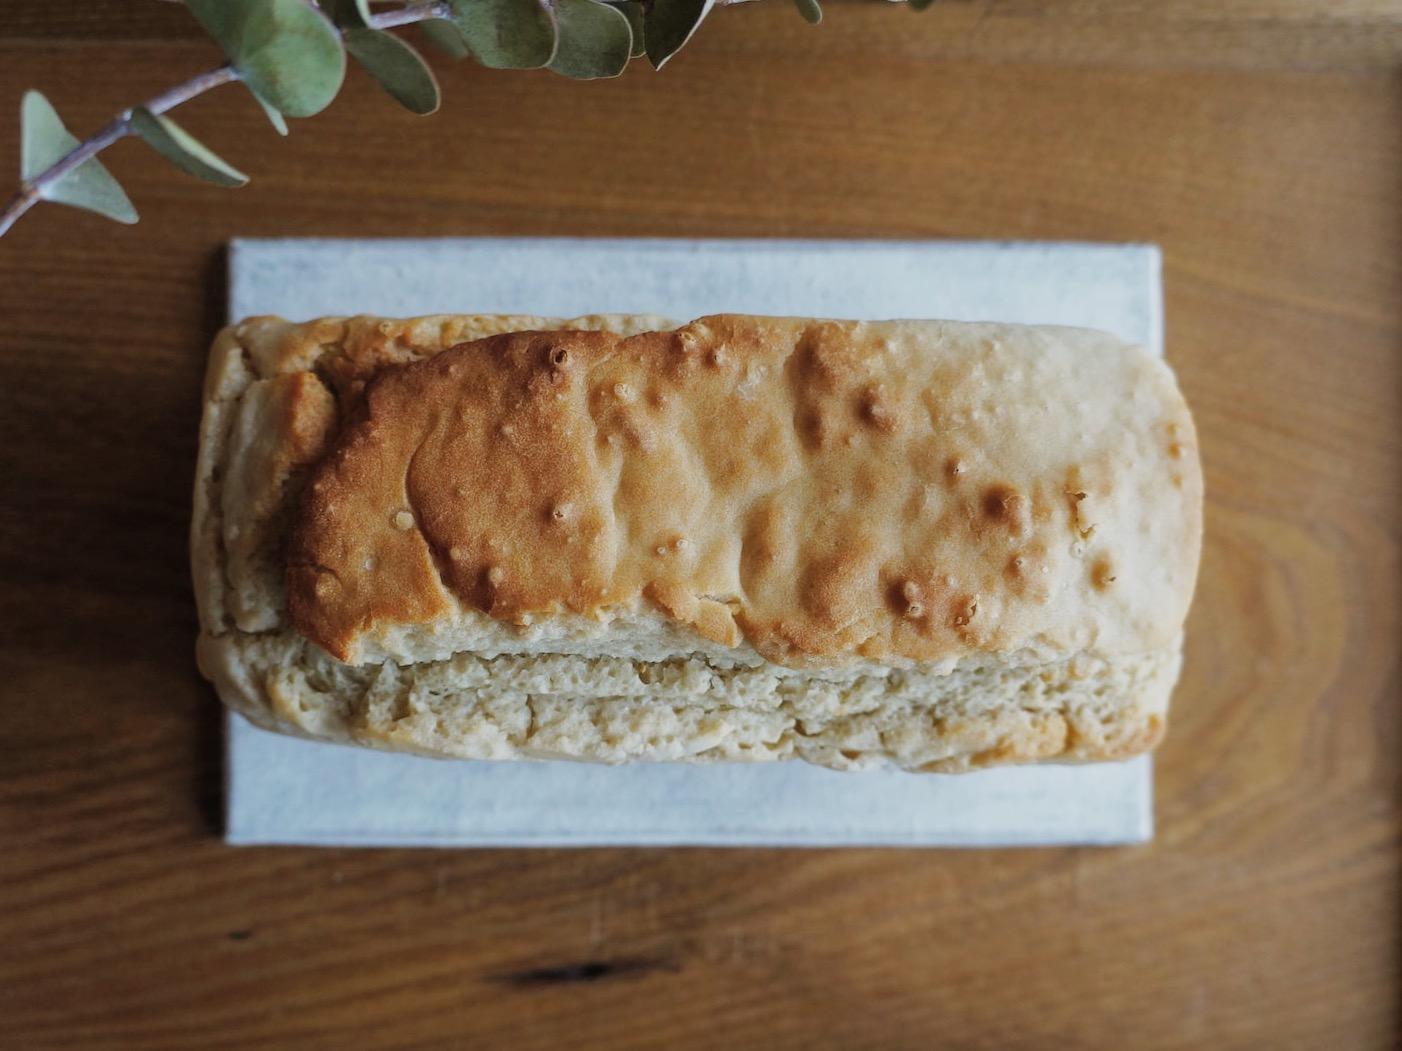 そば粉と信州米のパン 佐久